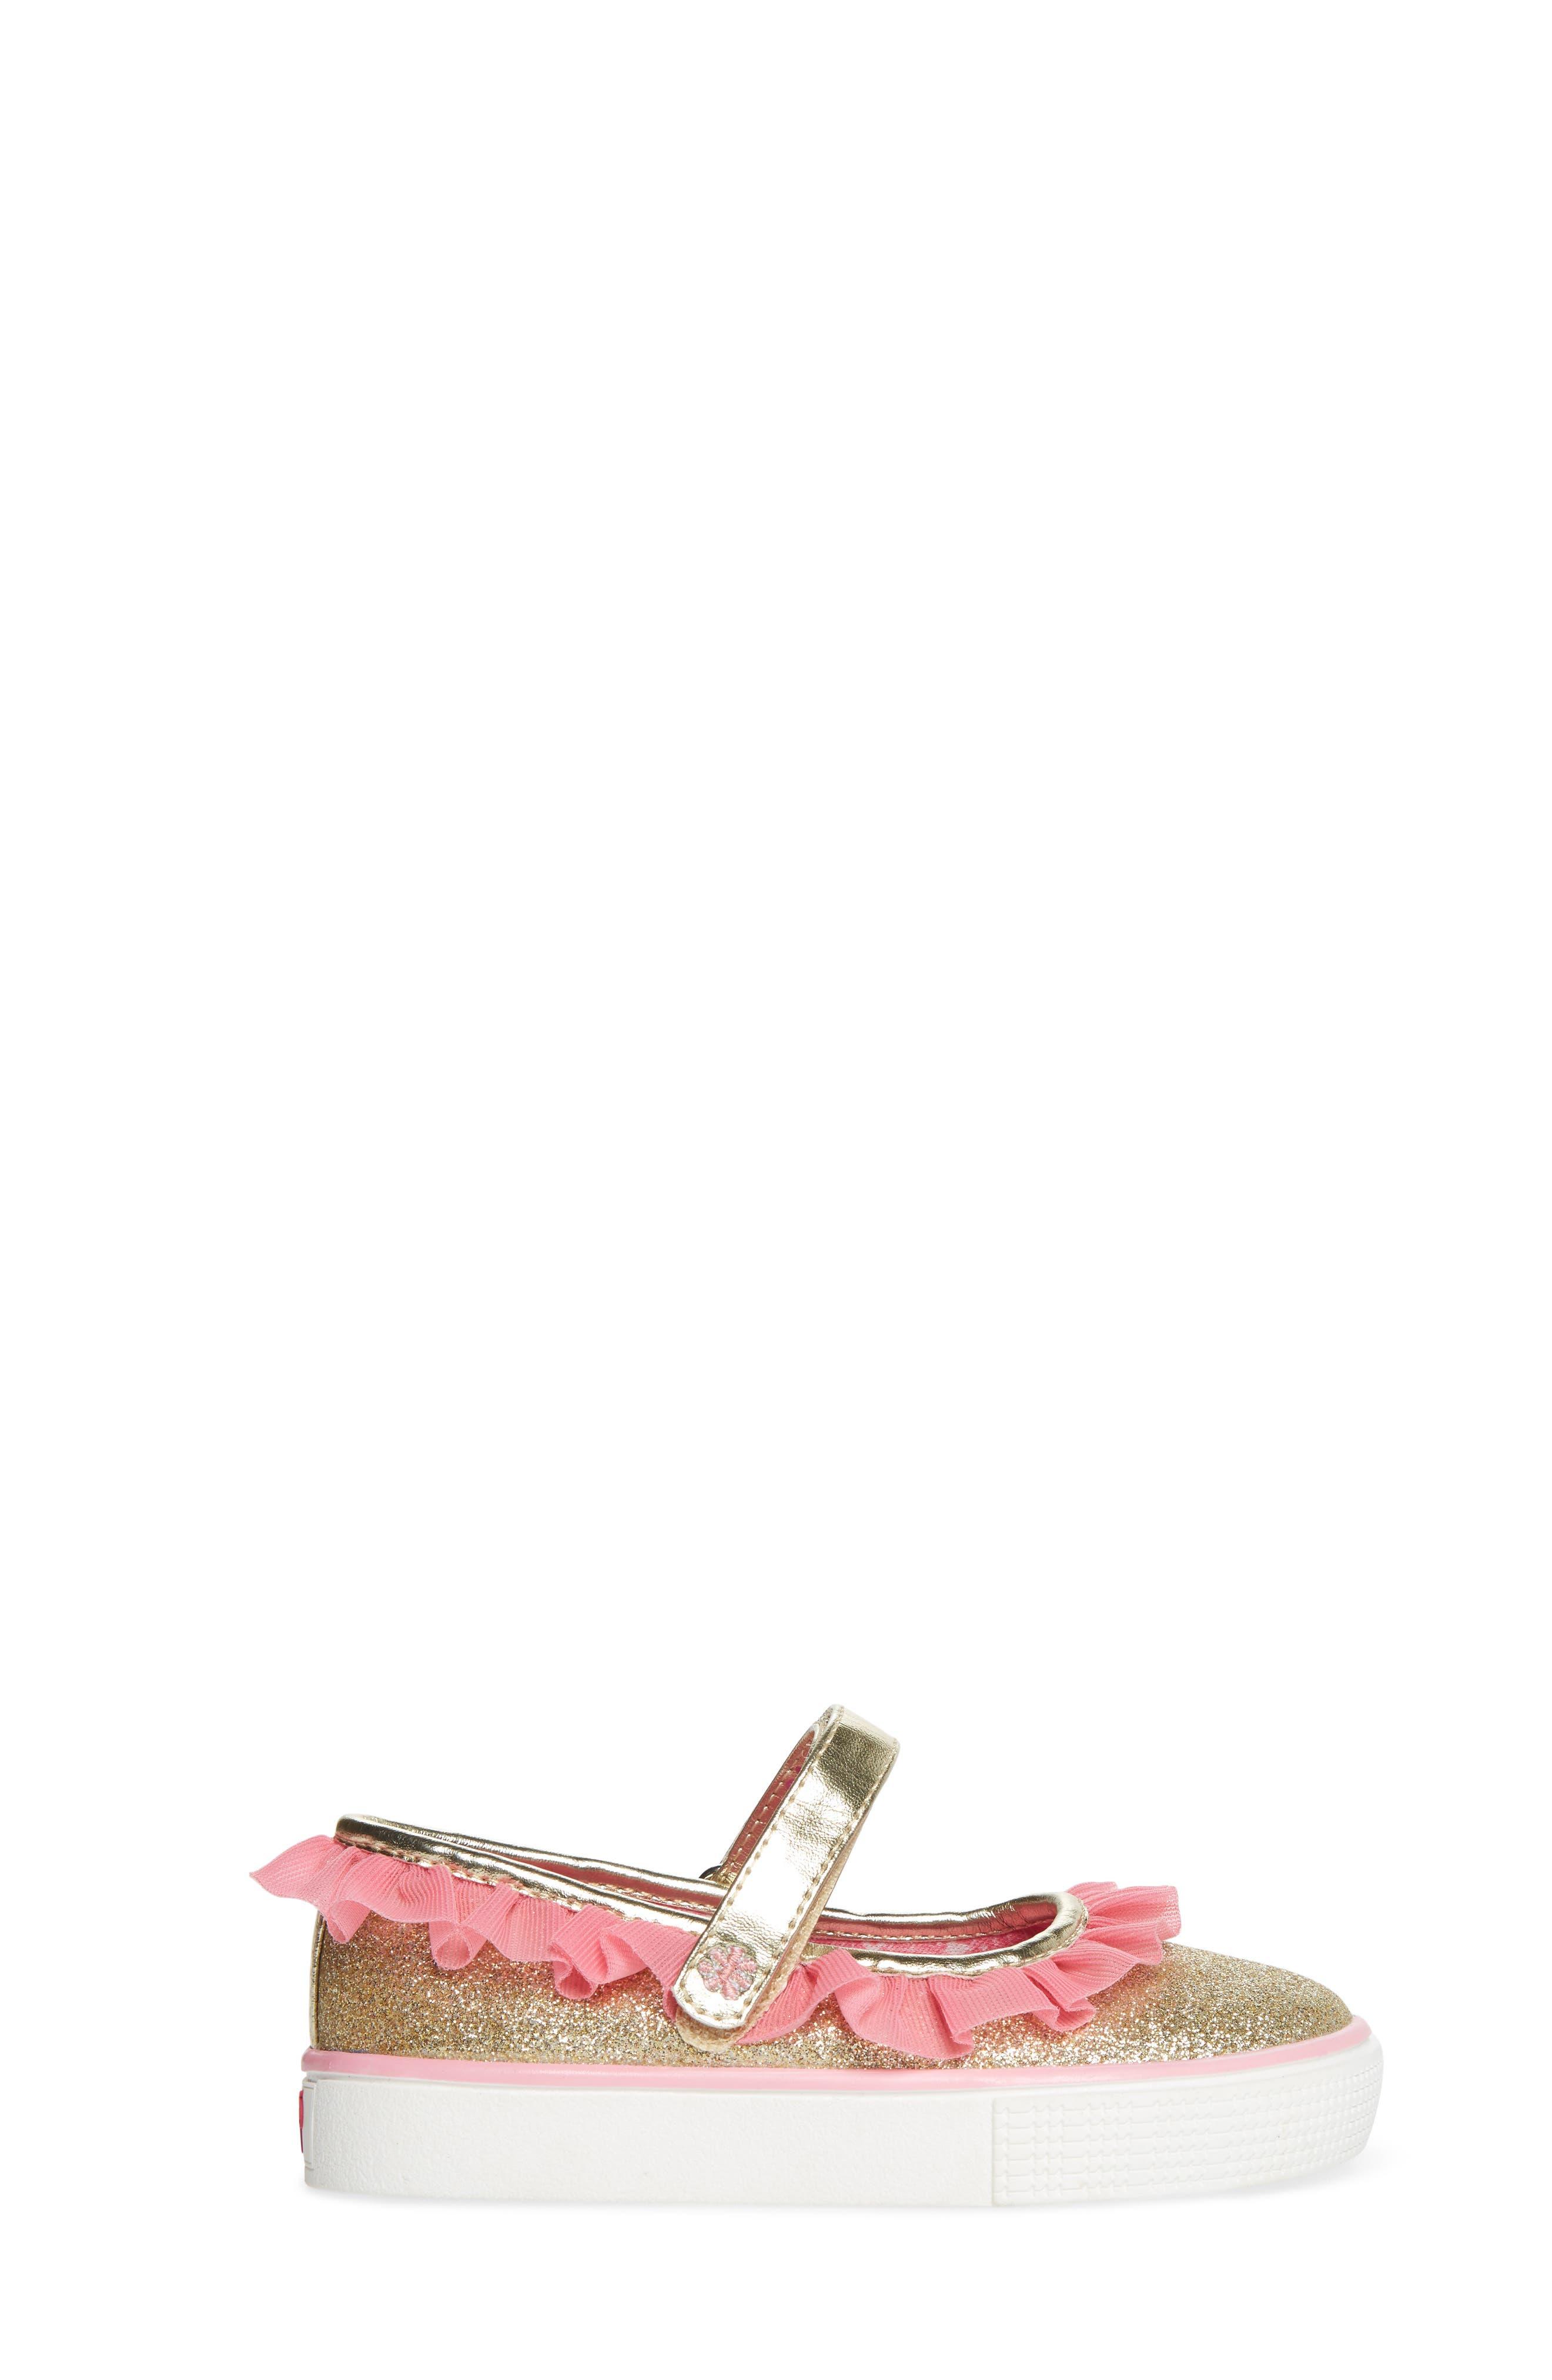 Ashlyn Tulle Mary Jane Sneaker,                             Alternate thumbnail 3, color,                             Gold